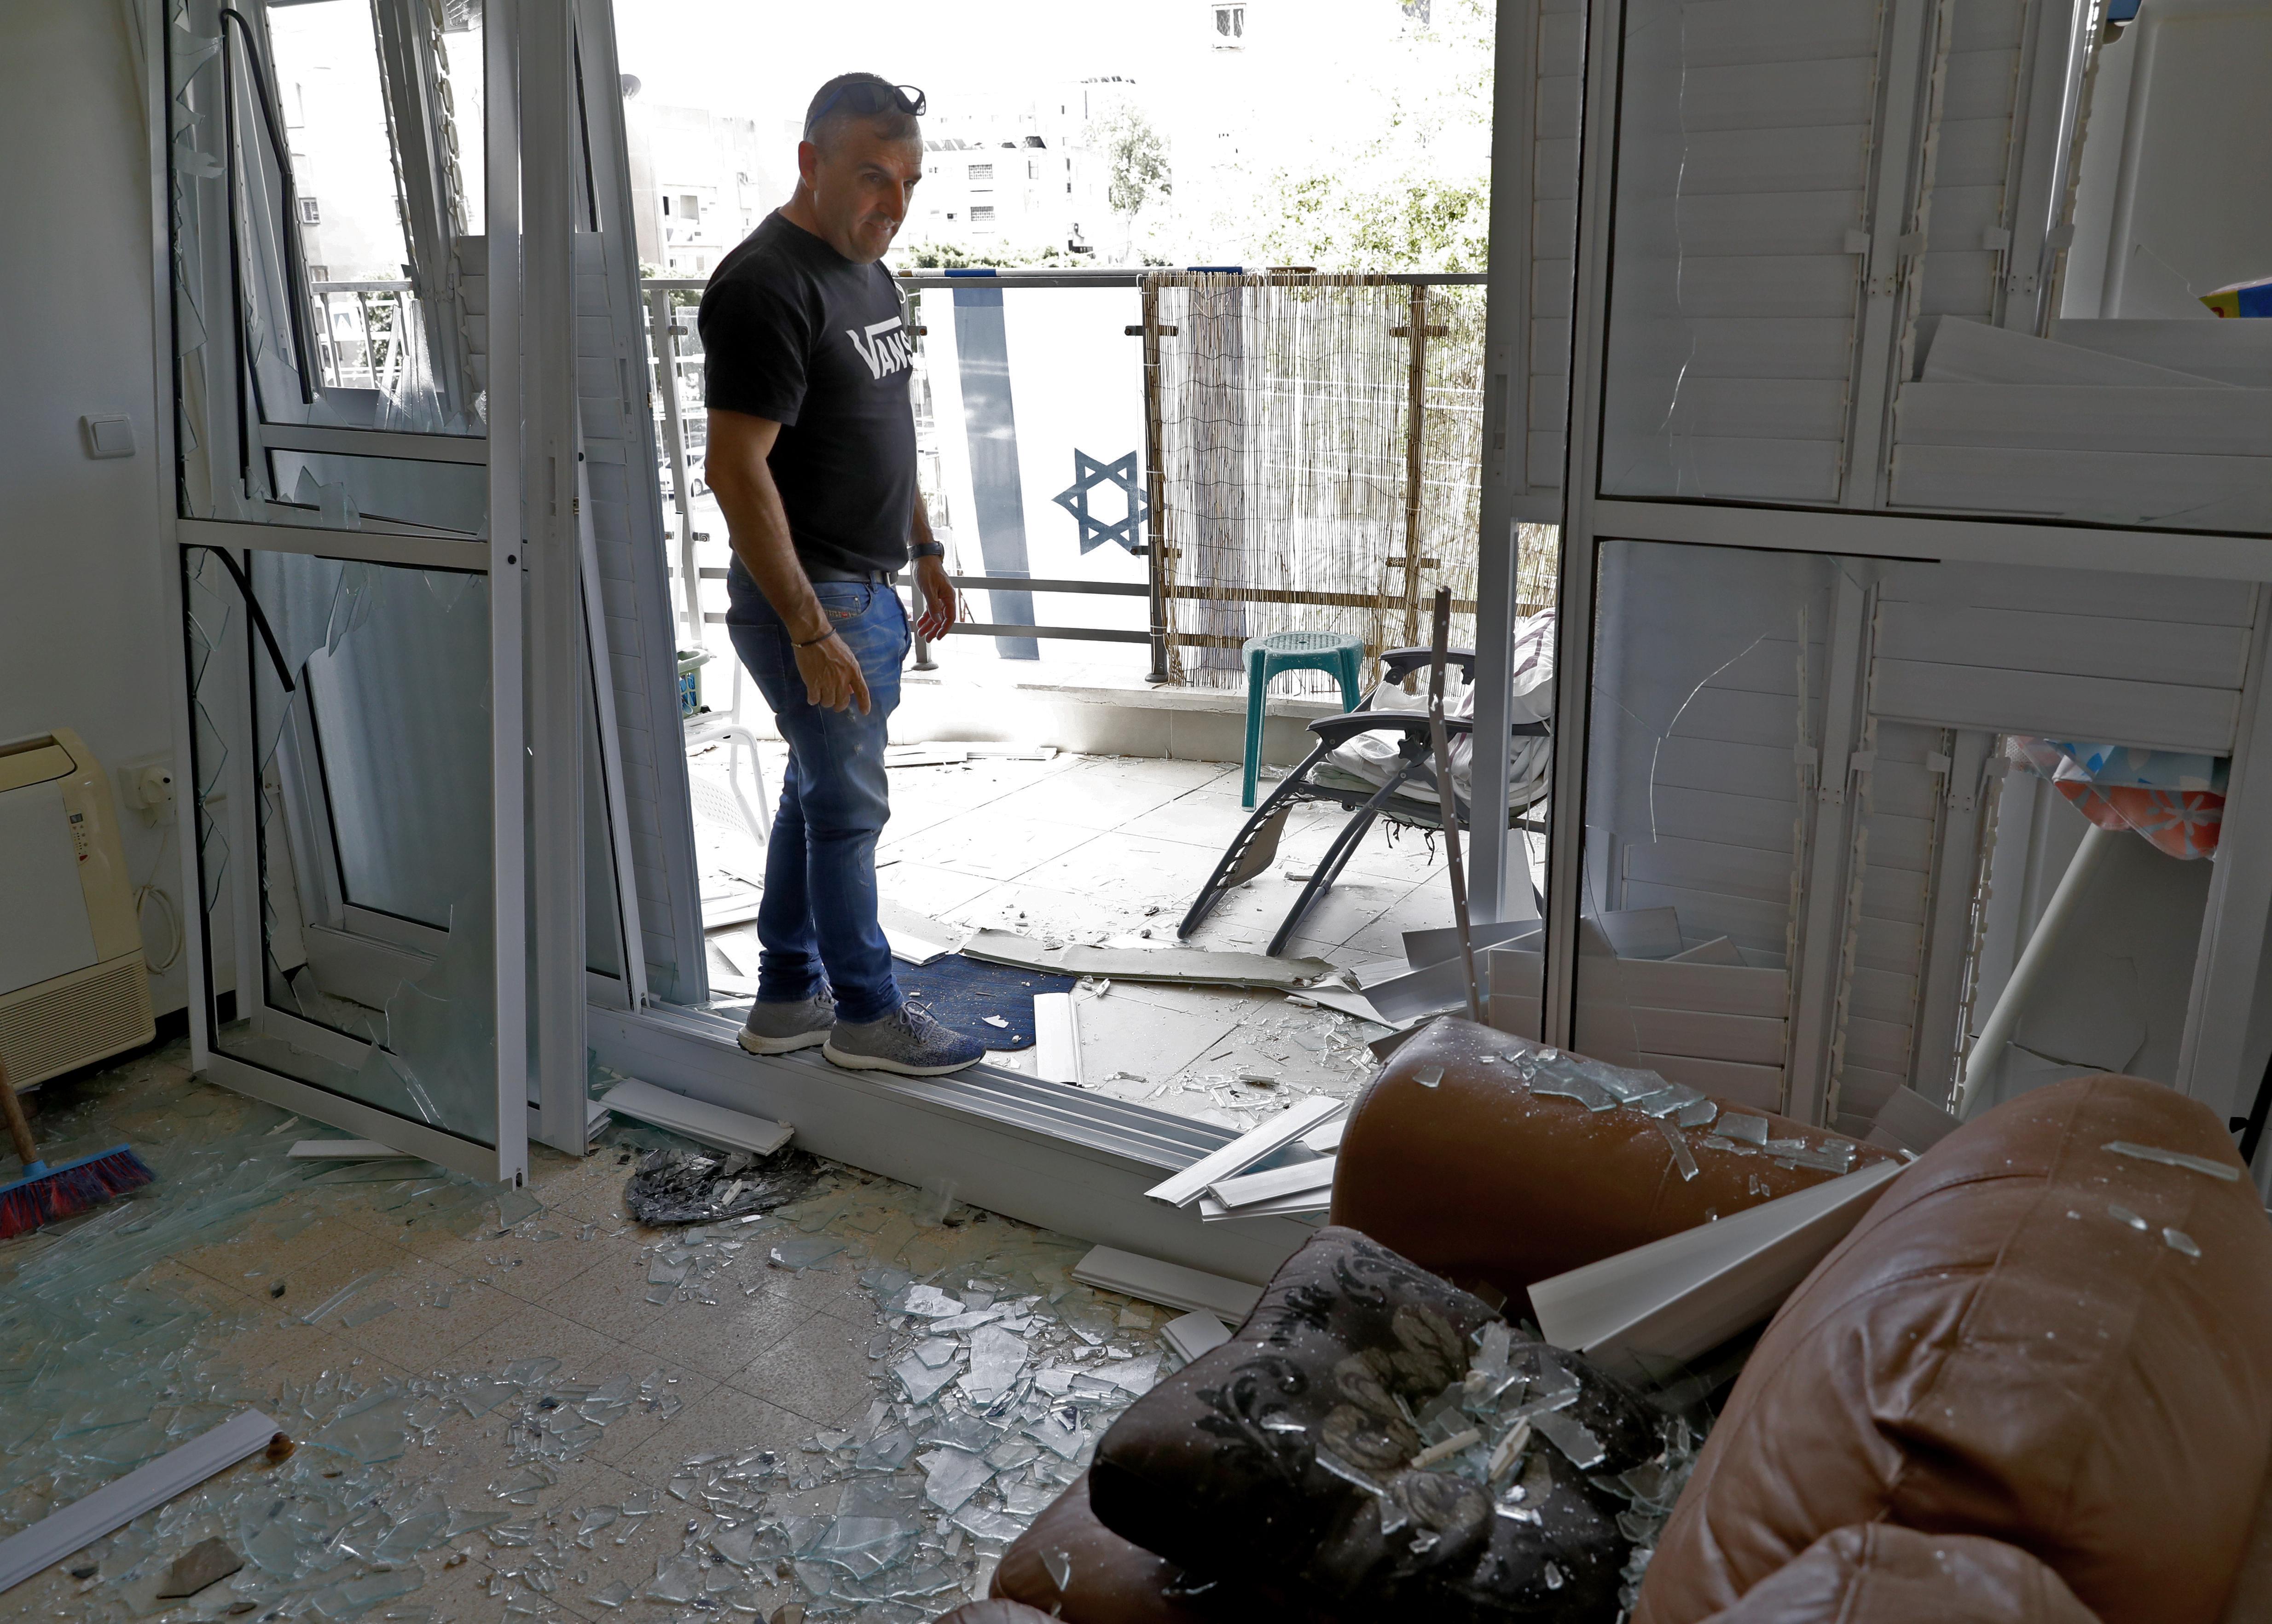 إسرائيلي يتفقد الأضرار التي لحقت ببيته جراء إطلاق الصواريخ من غزة على جنوب إسرائيل